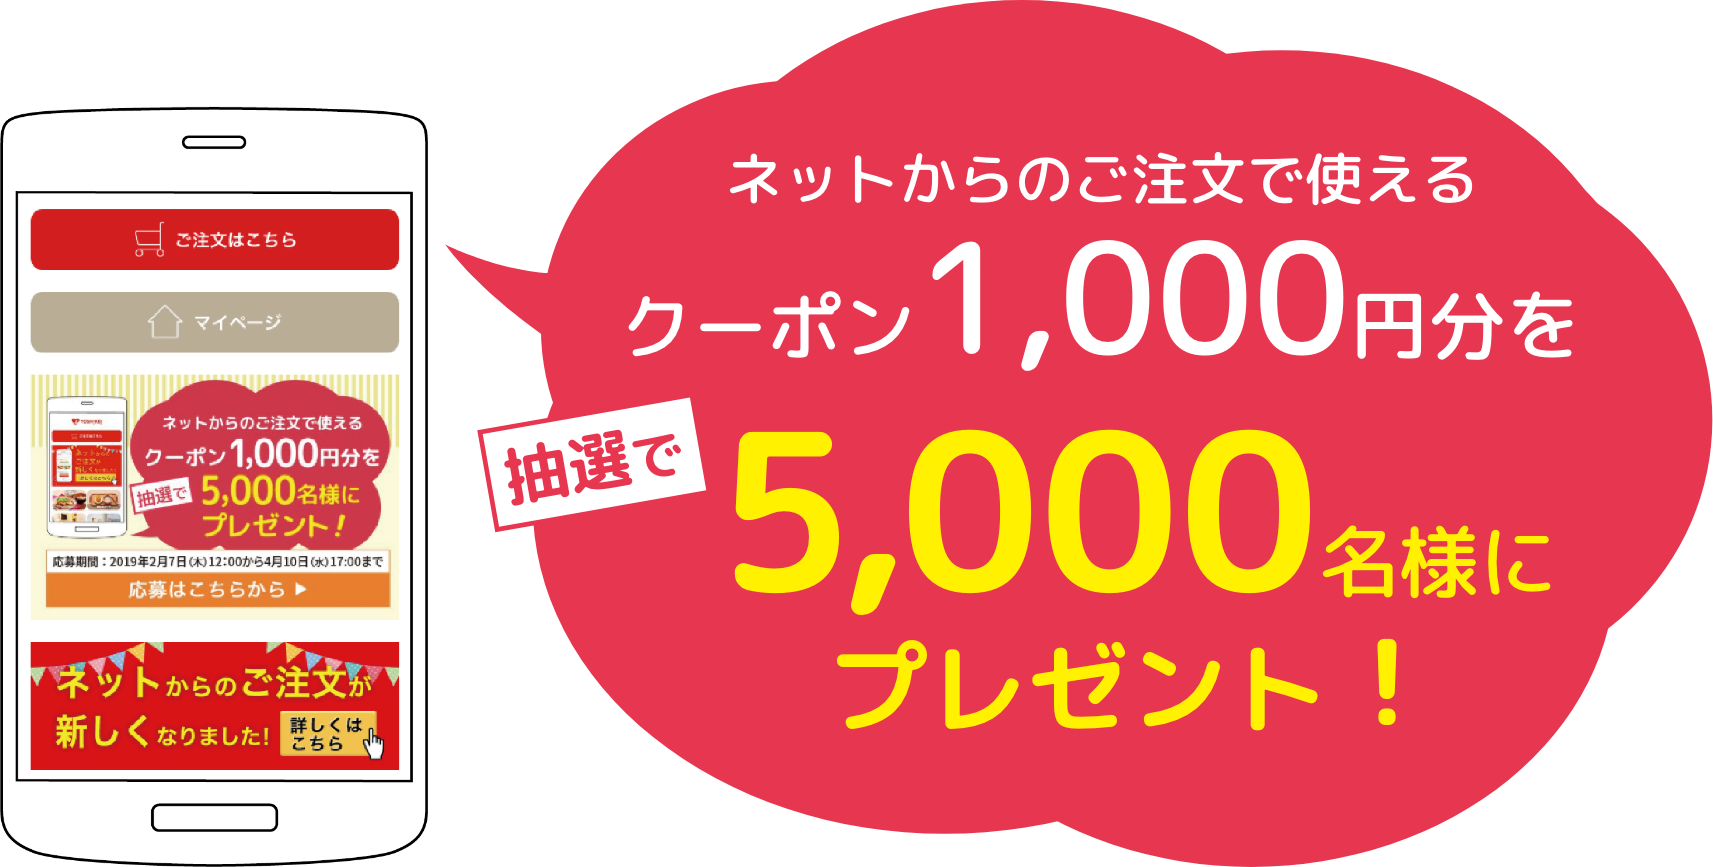 ヨシケイで1000円分クーポンが抽選で5000名に当たる。~4/10 17時。